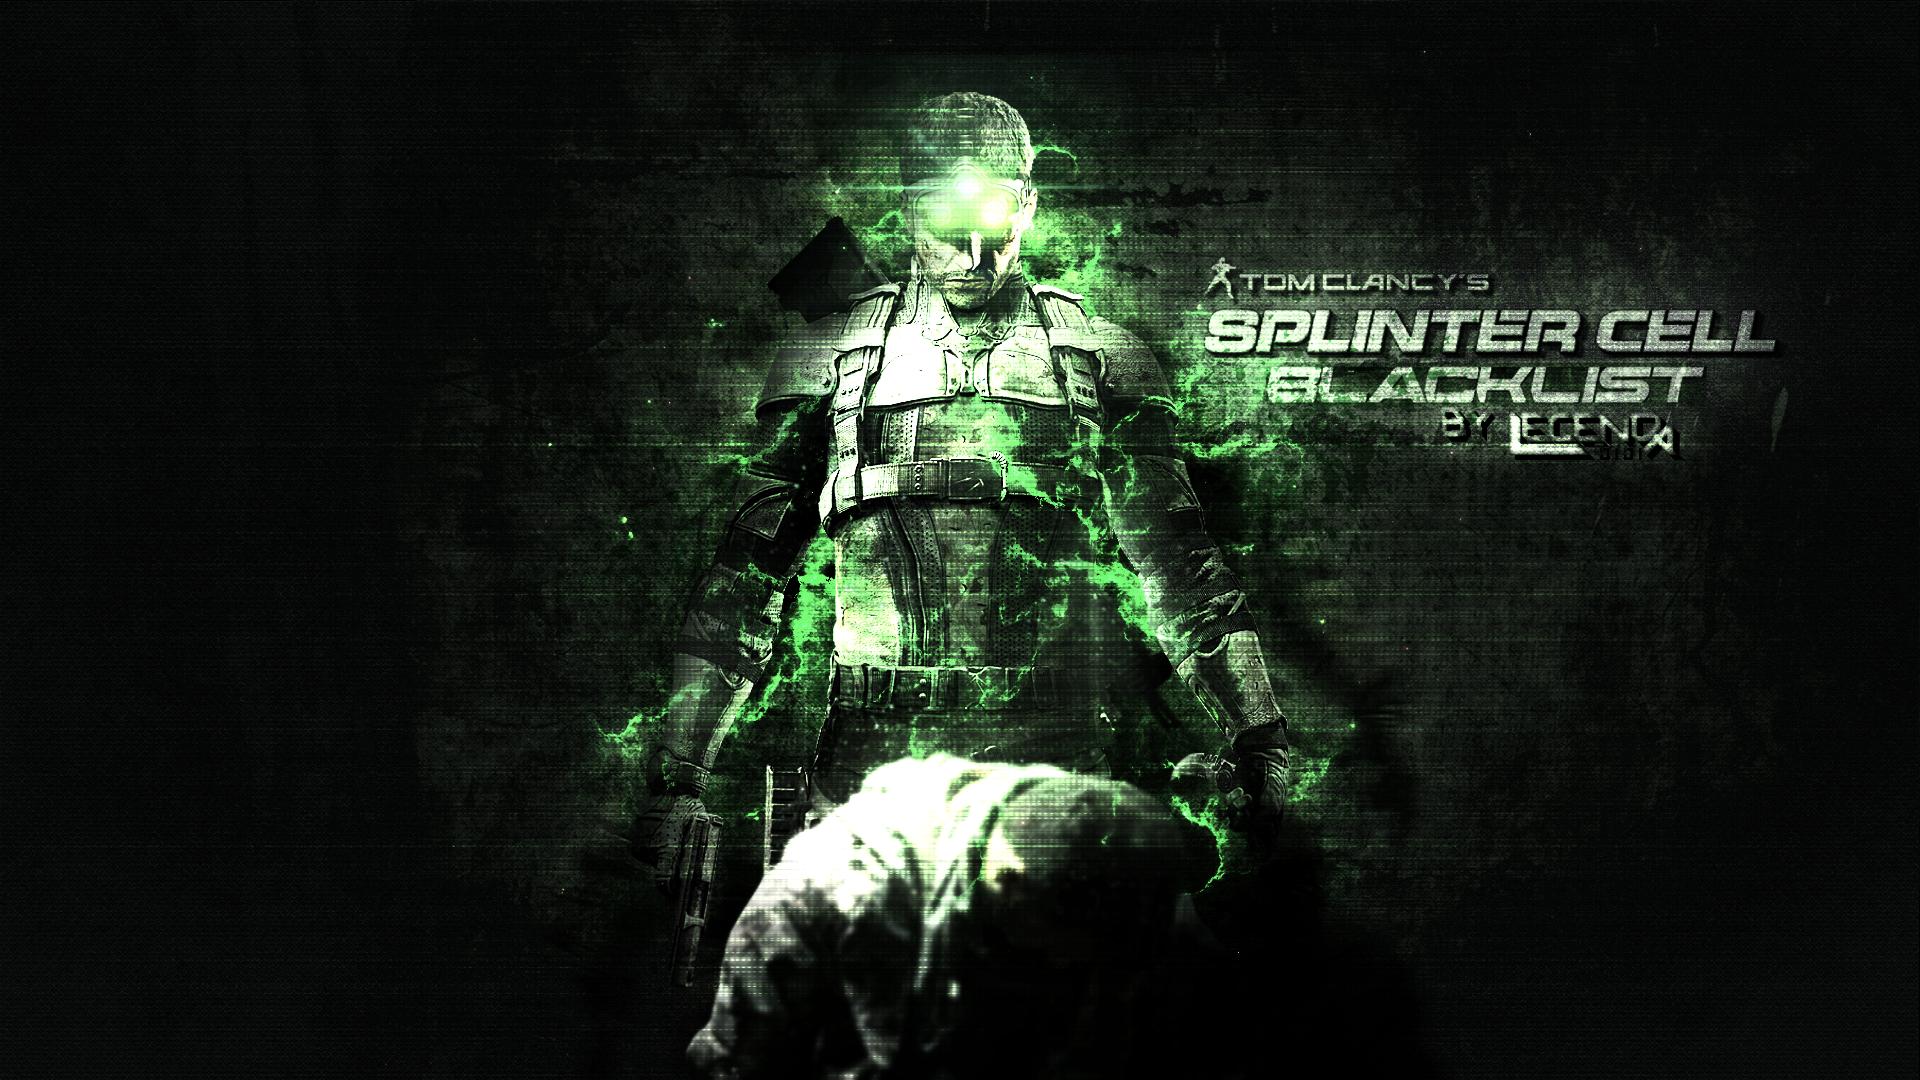 Splinter Cell Blacklist Wallpaper By Legenda01 On Deviantart